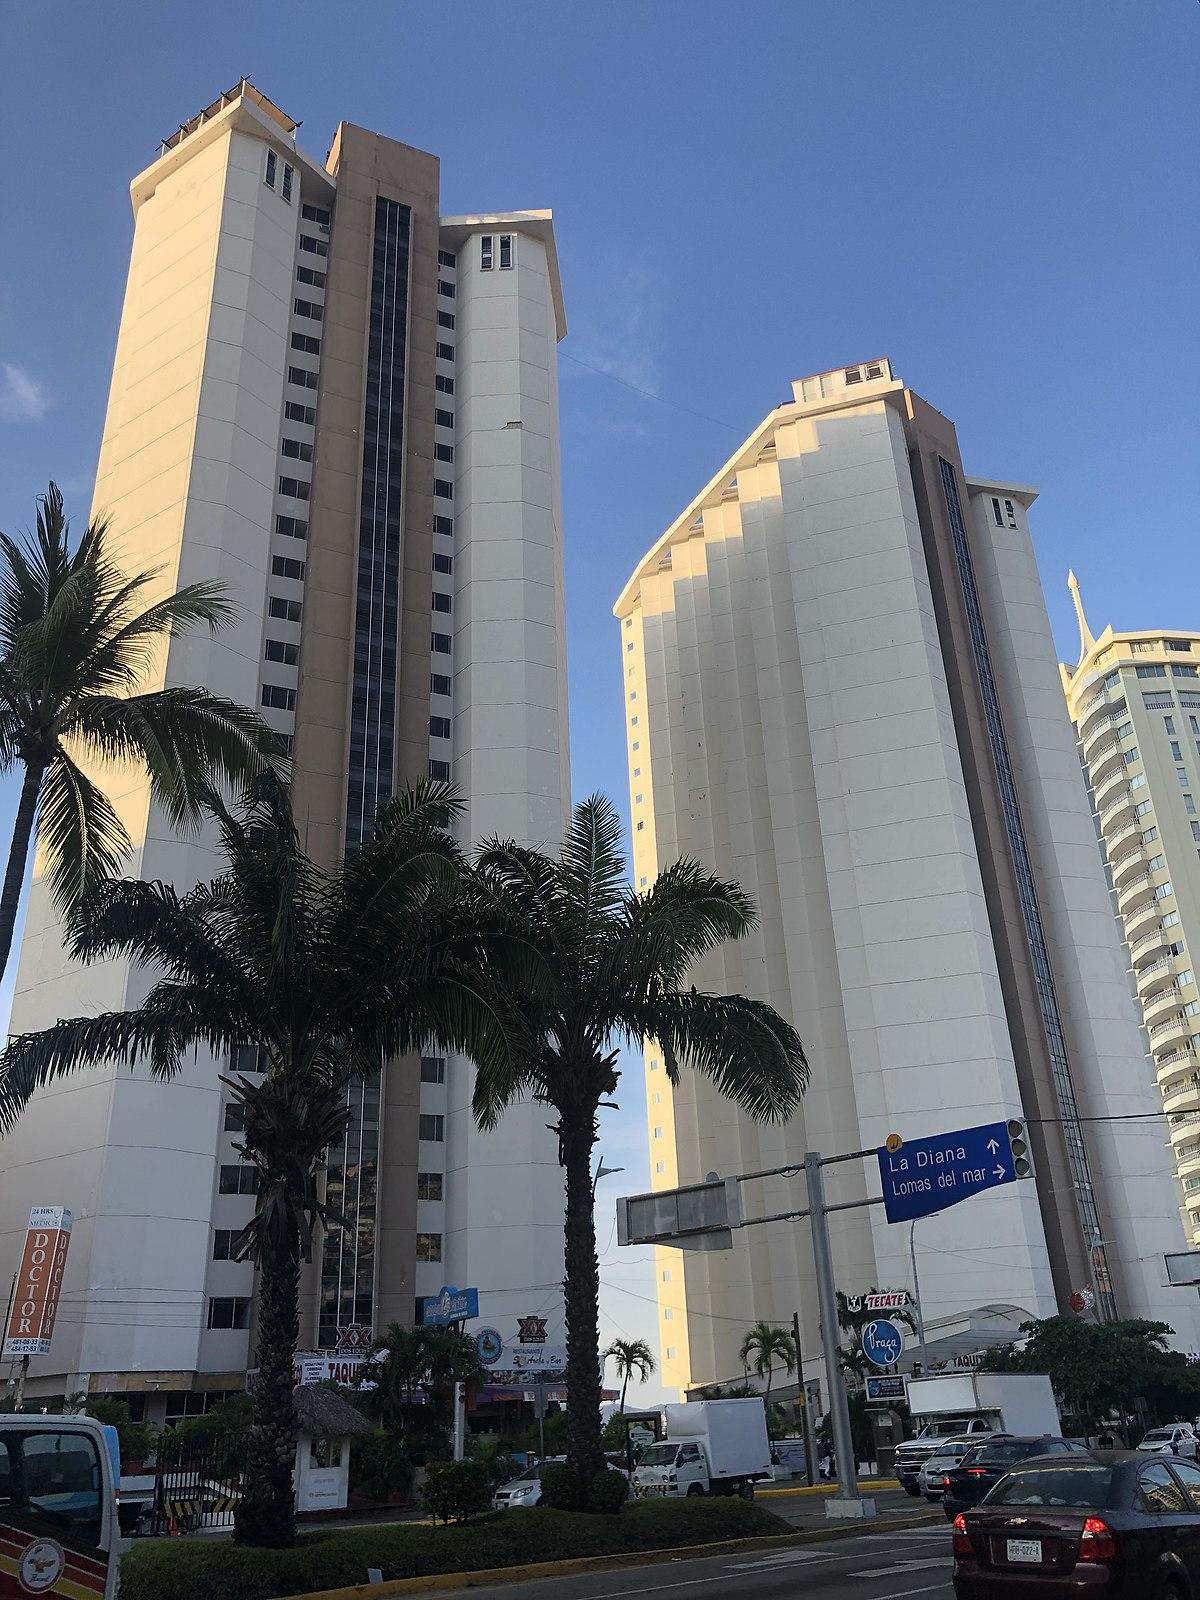 Mexicana en el hotel con el novio de su amiga - 2 part 2